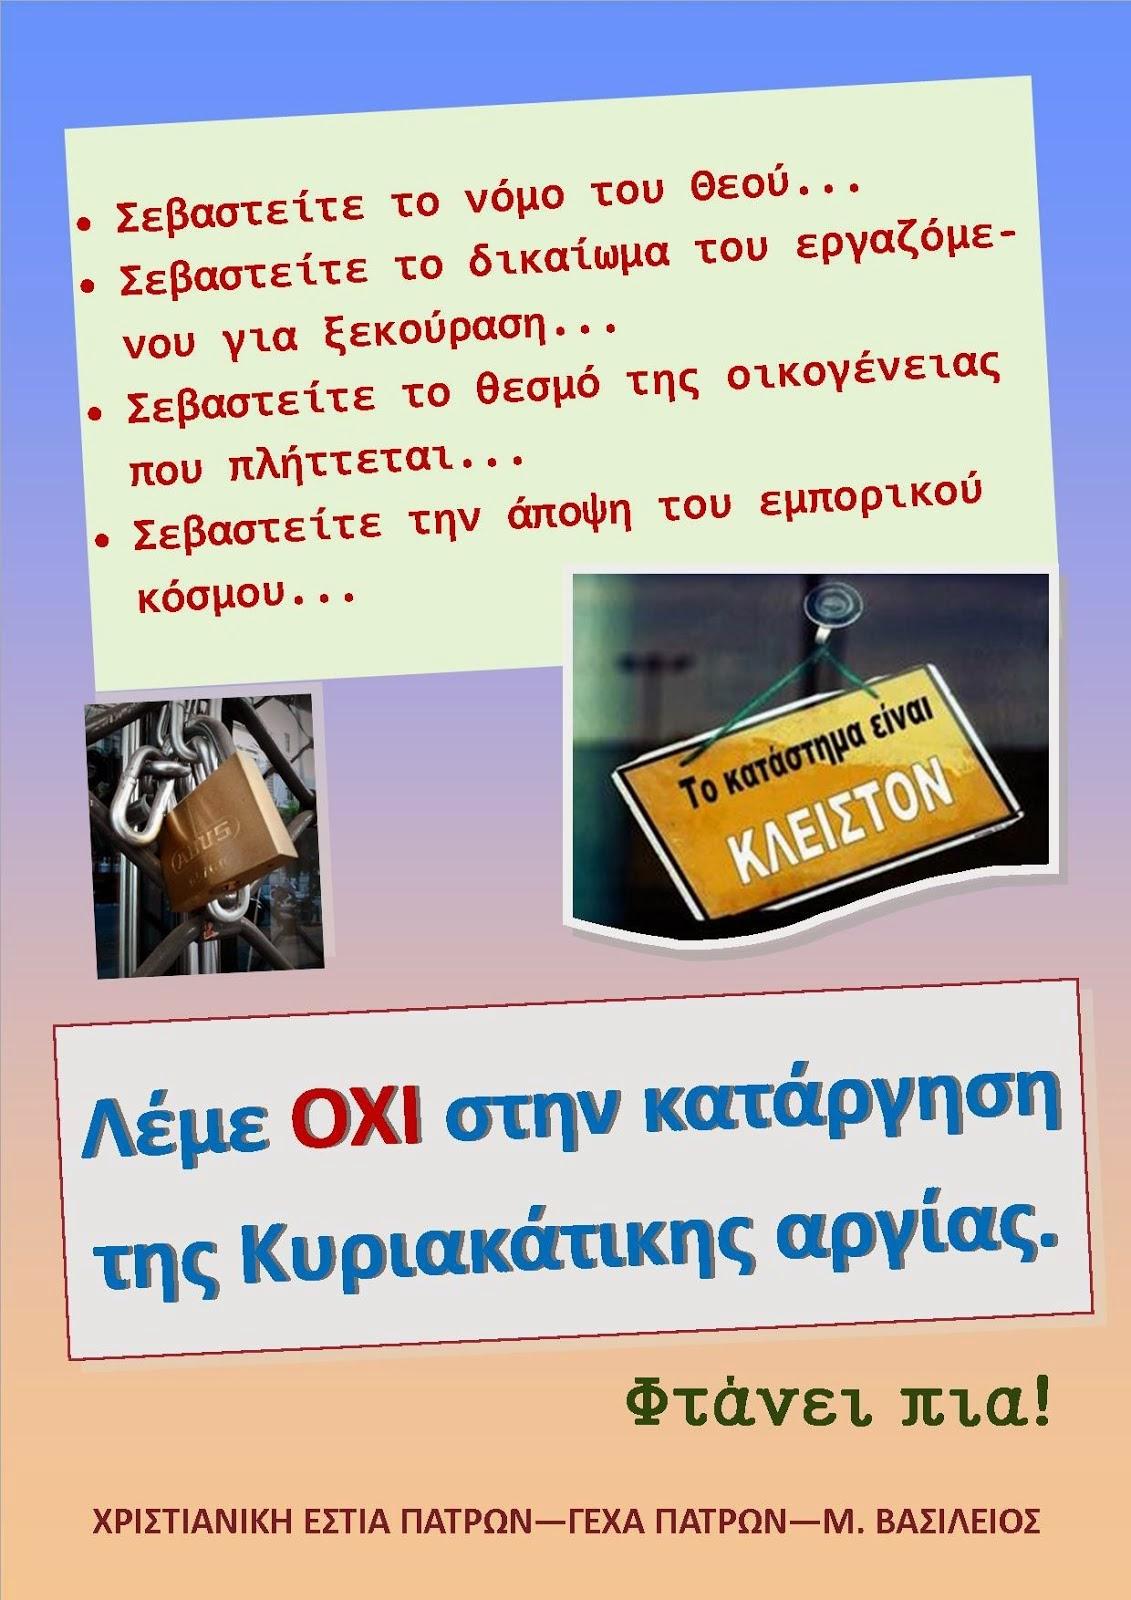 ΟΧΙ ΣΤΗΝ ΚΑΤΑΡΓΗΣΗ ΤΗΣ ΑΡΓΙΑΣ ΤΗΣ ΚΥΡΙΑΚΗΣ